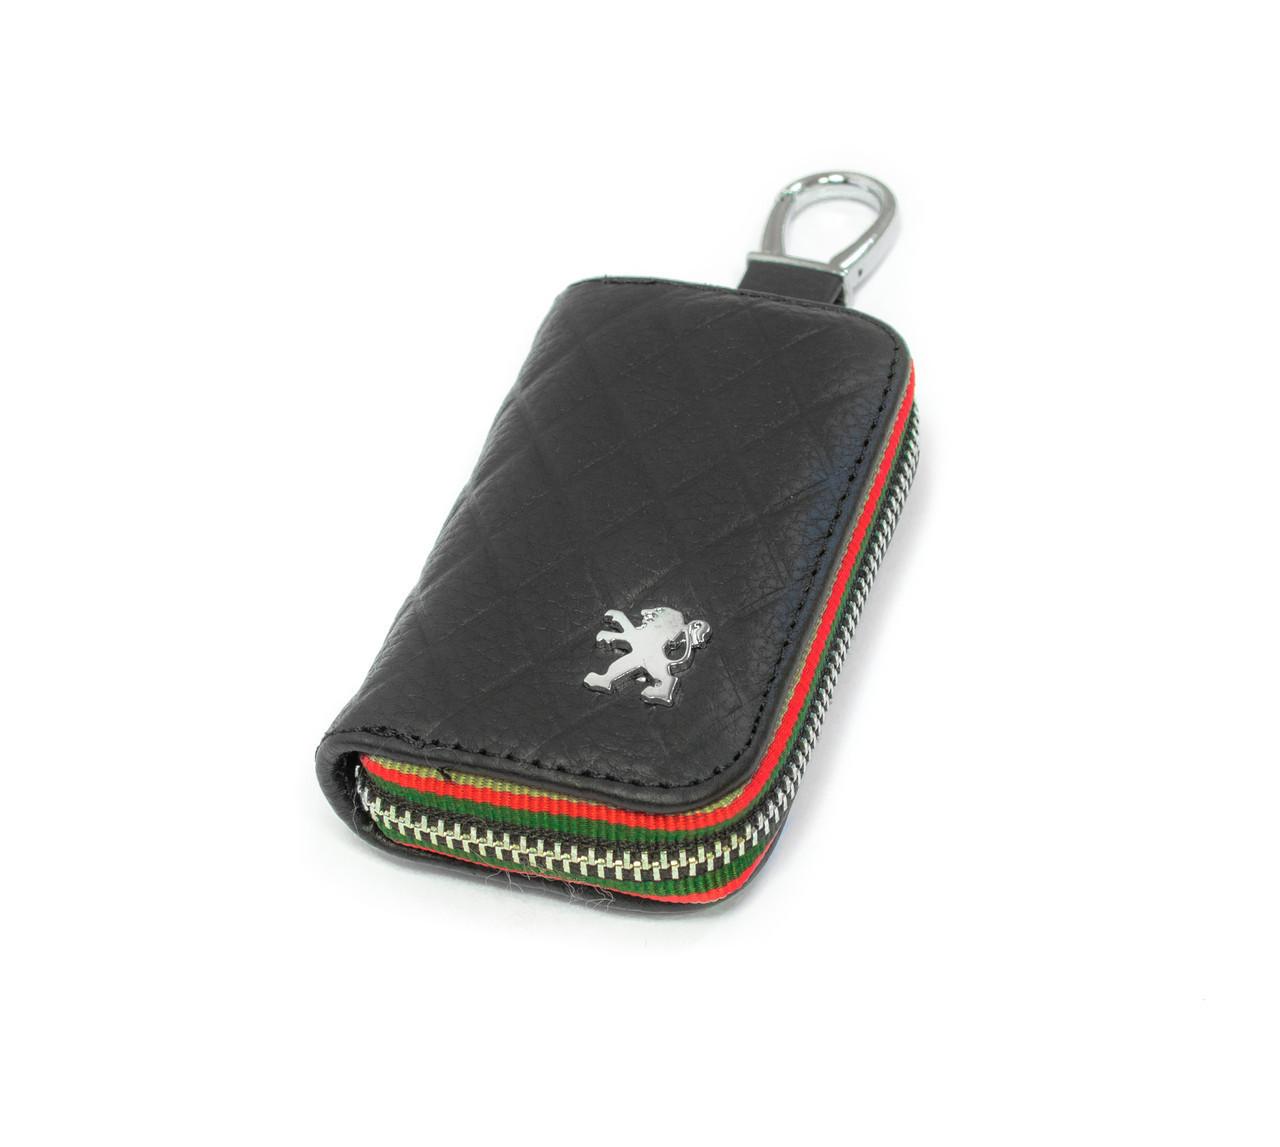 Ключница Carss с логотипом PEUGEOT 19009 черная